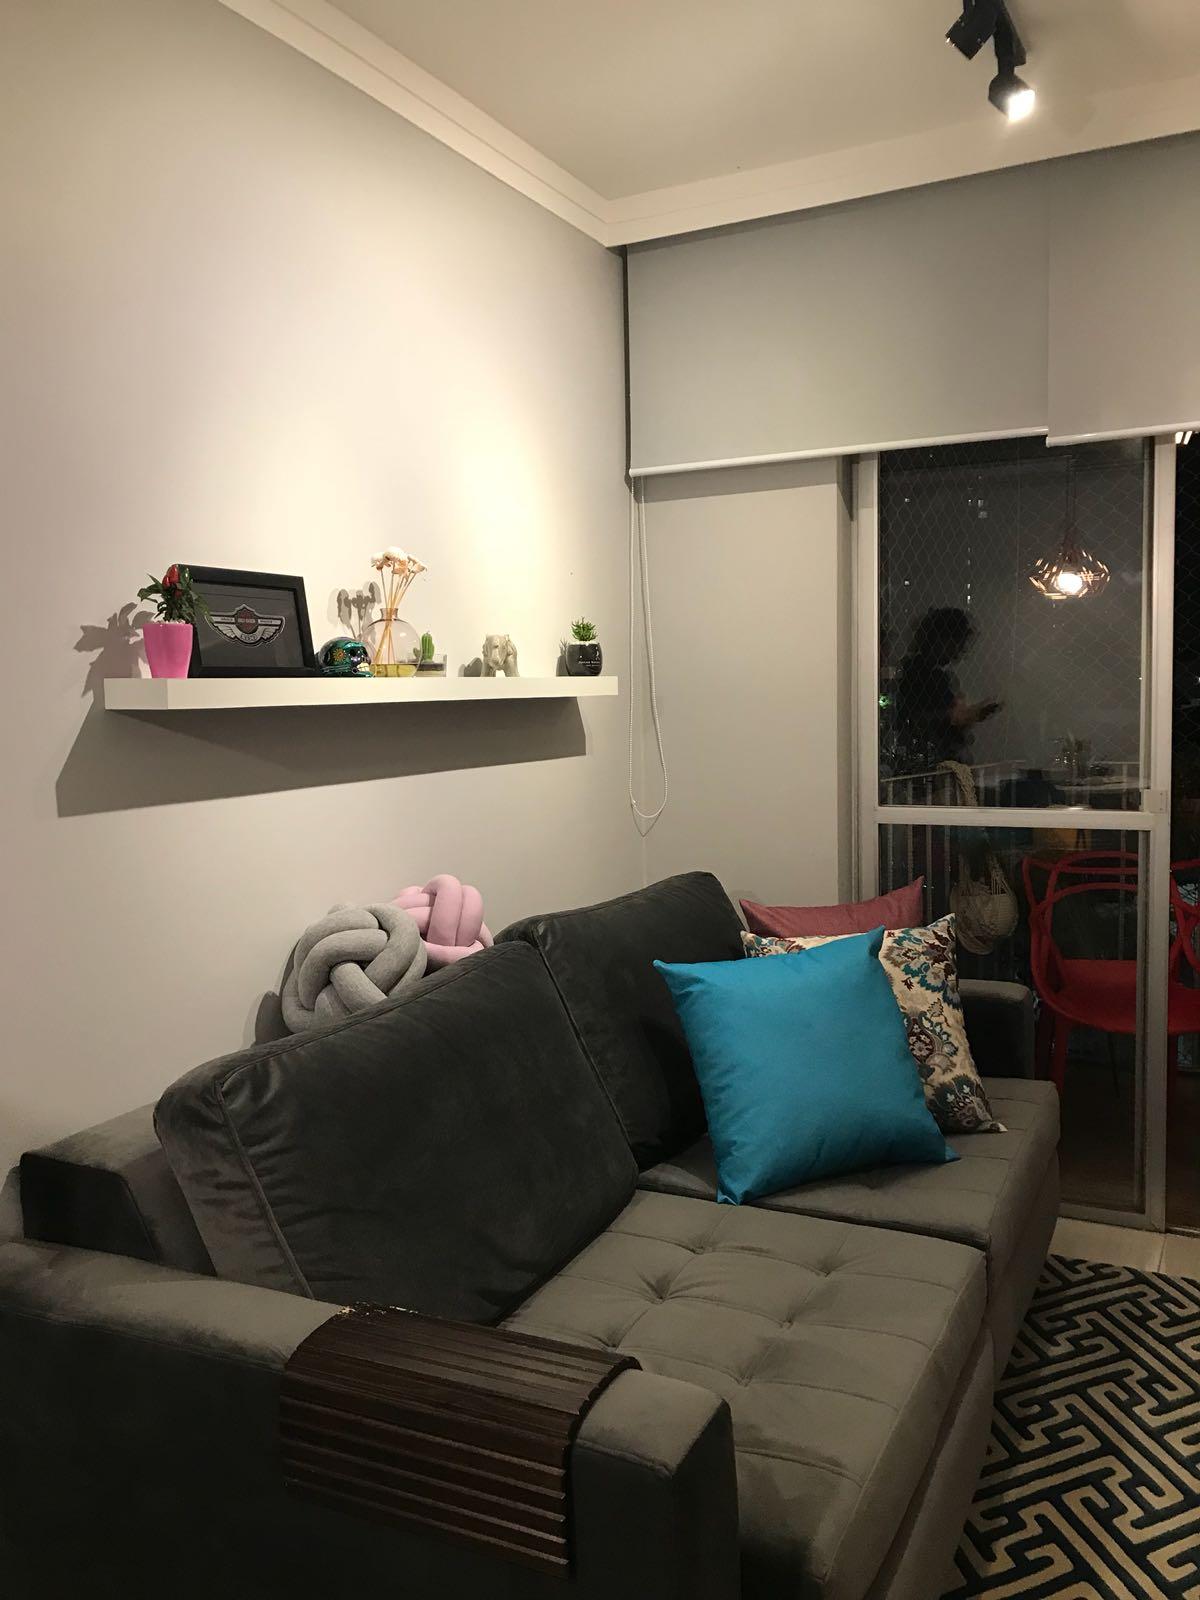 Sofá e cortinas